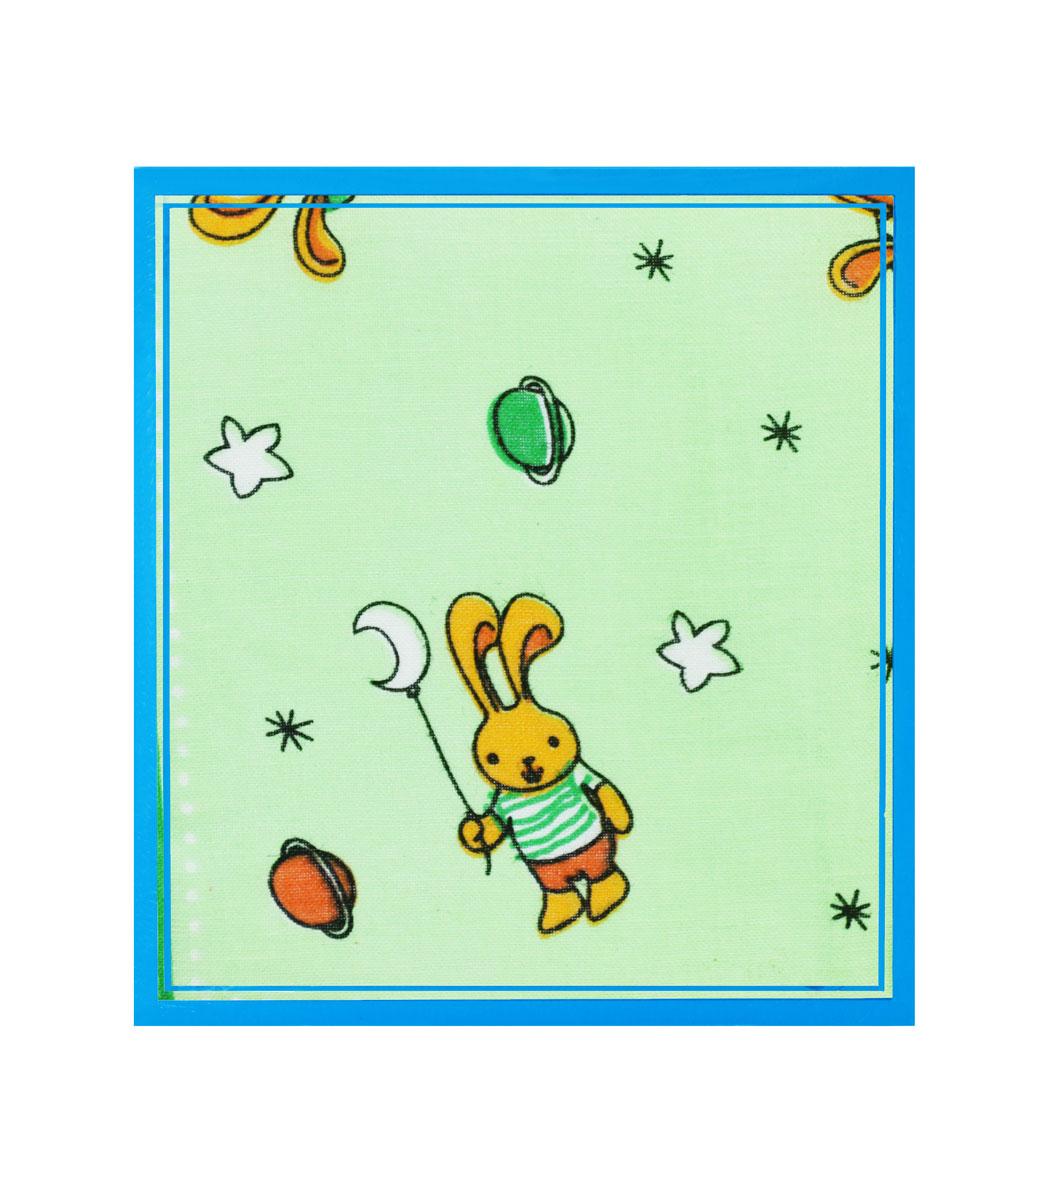 40230-26 Zlata Korunka Носовой платок детский, цвет: мультиколор, 21х21 см, 2 шт40230-26Платки носовые детские в упаковке по 2 шт. Носовые платки изготовлены из 100% хлопка, так как этот материал приятен в использовании, хорошо стирается, не садится, отлично впитывает влагу.